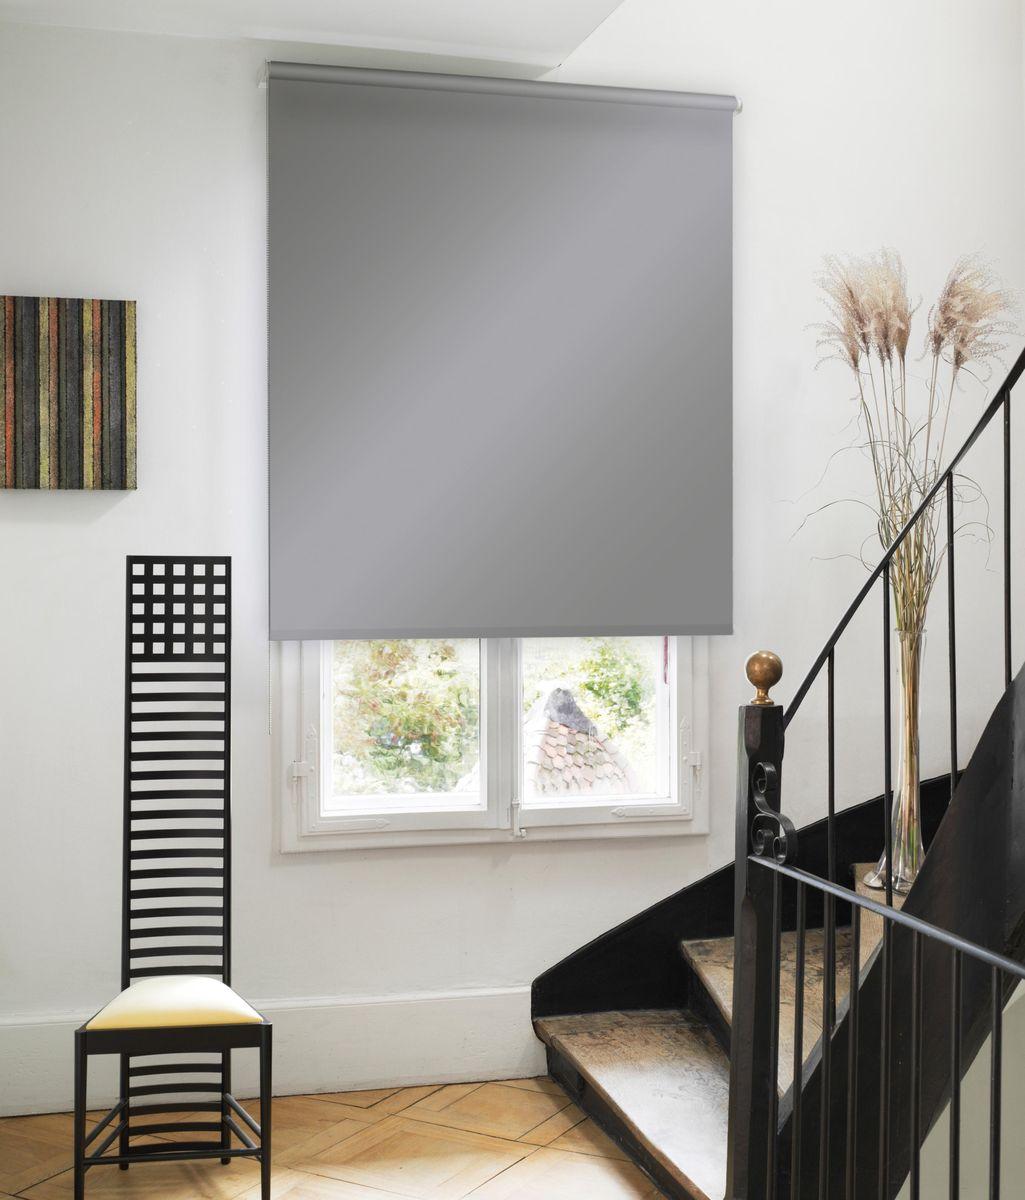 Штора рулонная Эскар, цвет: серый, ширина 160 см, высота 170 см1004900000360Рулонными шторами Эскар можно оформлять окна как самостоятельно, так и использовать в комбинации с портьерами. Это поможет предотвратить выгорание дорогой ткани на солнце и соединит функционал рулонных с красотой навесных. Преимущества применения рулонных штор для пластиковых окон: - имеют прекрасный внешний вид: многообразие и фактурность материала изделия отлично смотрятся в любом интерьере;- многофункциональны: есть возможность подобрать шторы способные эффективно защитить комнату от солнца, при этом она не будет слишком темной;- есть возможность осуществить быстрый монтаж.ВНИМАНИЕ! Размеры ширины изделия указаны по ширине ткани! Во время эксплуатации не рекомендуется полностью разматывать рулон, чтобы не оторвать ткань от намоточного вала. В случае загрязнения поверхности ткани, чистку шторы проводят одним из способов, в зависимости от типа загрязнения:легкое поверхностное загрязнение можно удалить при помощи канцелярского ластика;чистка от пыли производится сухим методом при помощи пылесоса с мягкой щеткой-насадкой;для удаления пятна используйте мягкую губку с пенообразующим неагрессивным моющим средством или пятновыводитель на натуральной основе (нельзя применять растворители).